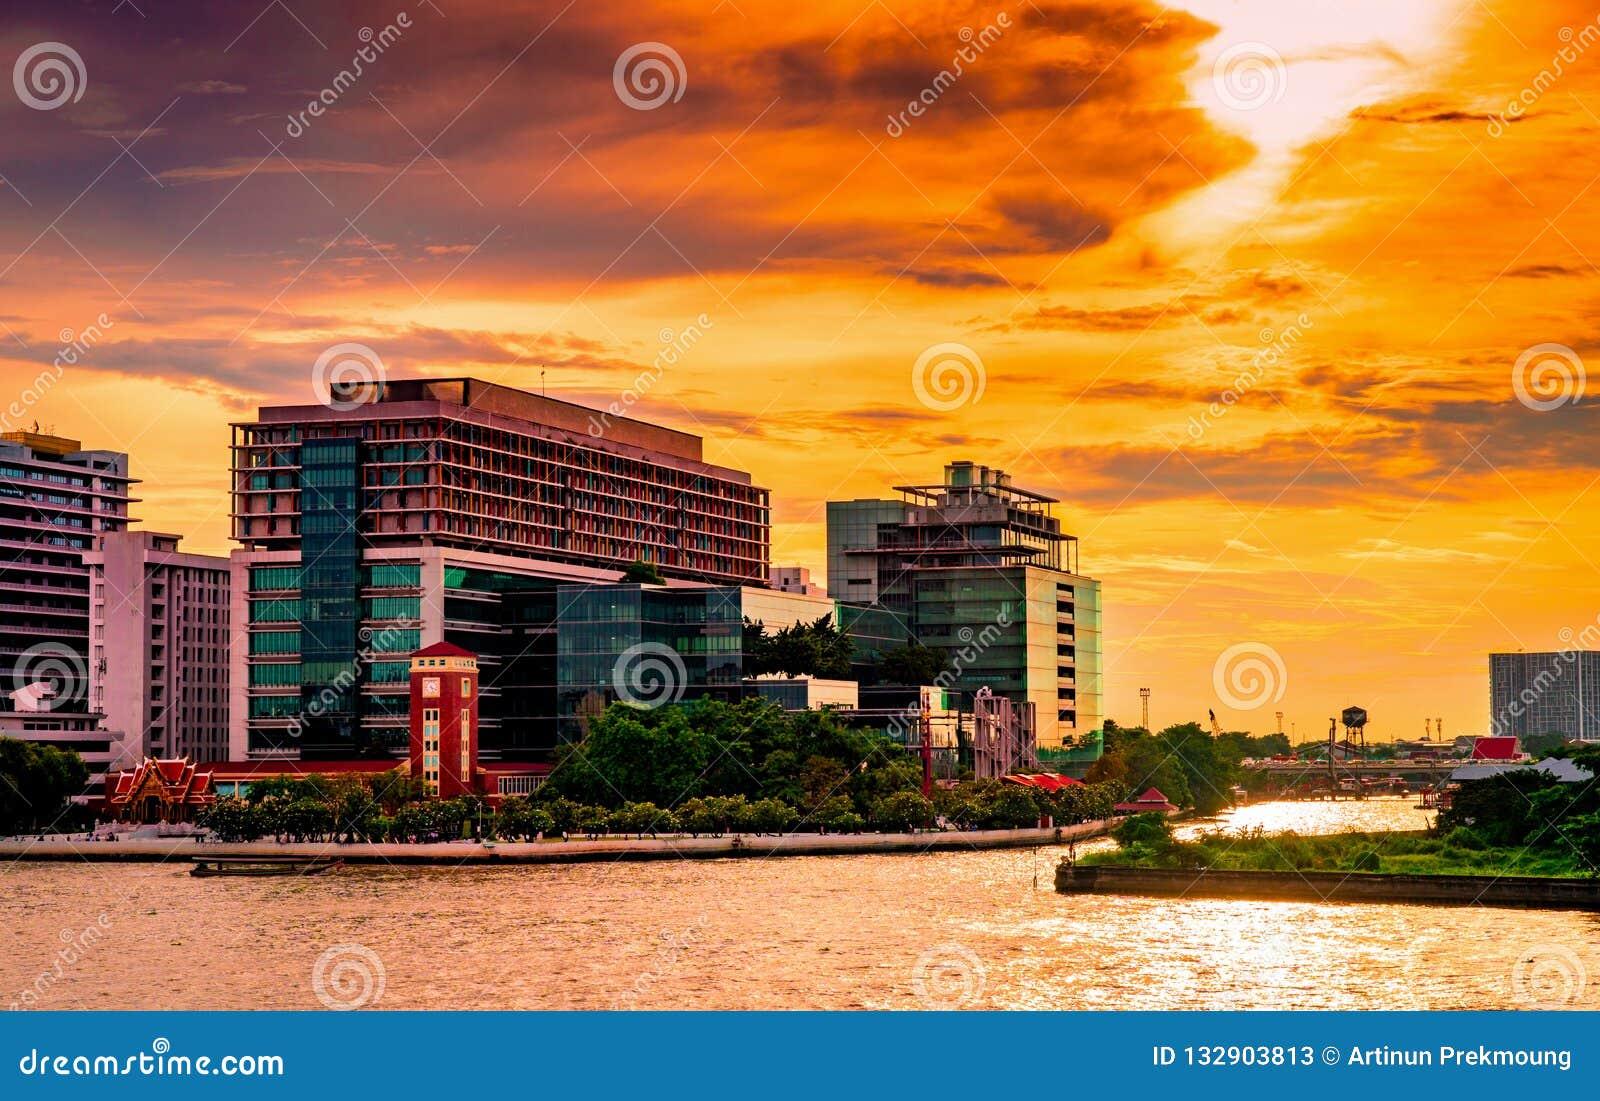 Paysage urbain du bâtiment moderne près de la rivière pendant le matin au lever de soleil Immeuble de bureaux moderne d architect